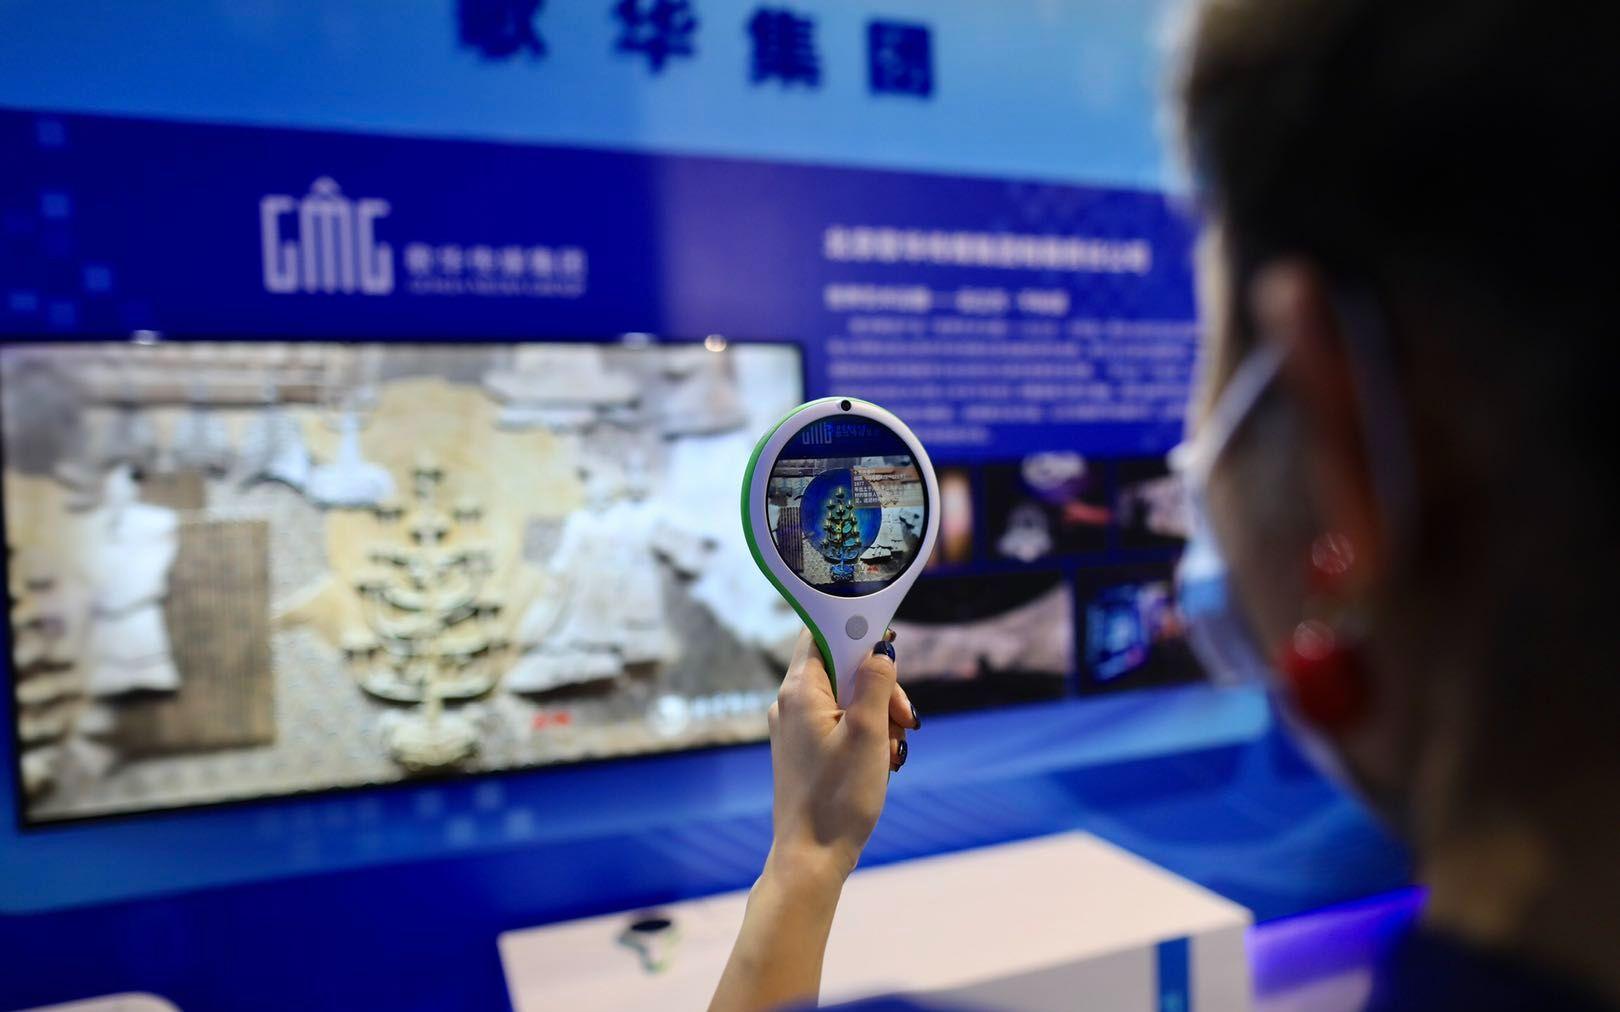 直击科博会:防疫新科技和城市大脑预示未来趋势图片